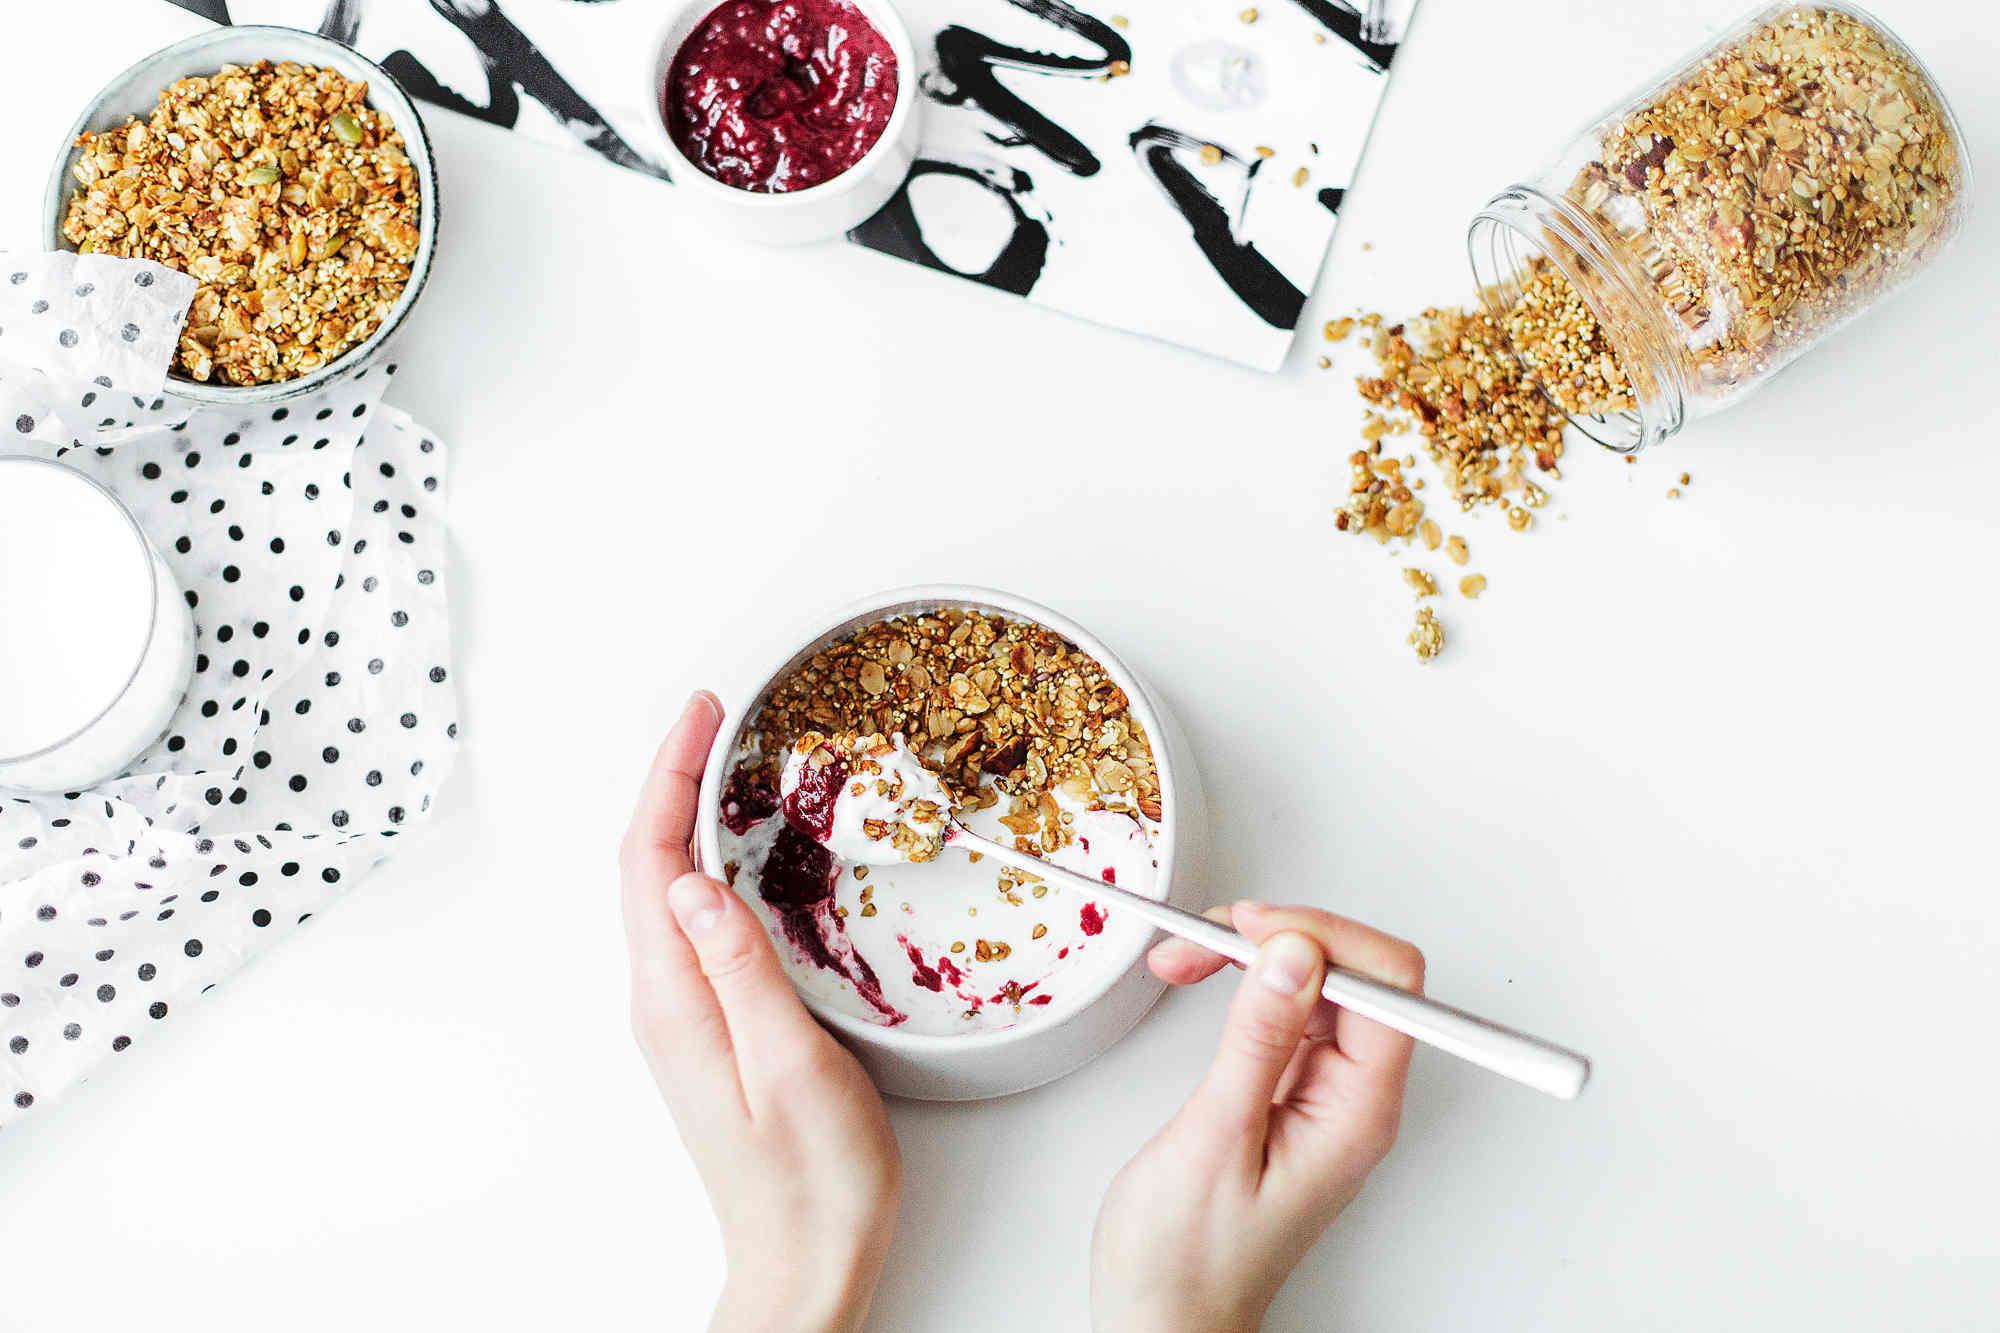 Le yogourt peut aider à réduire le risque de croissance précancéreuse de l'intestin